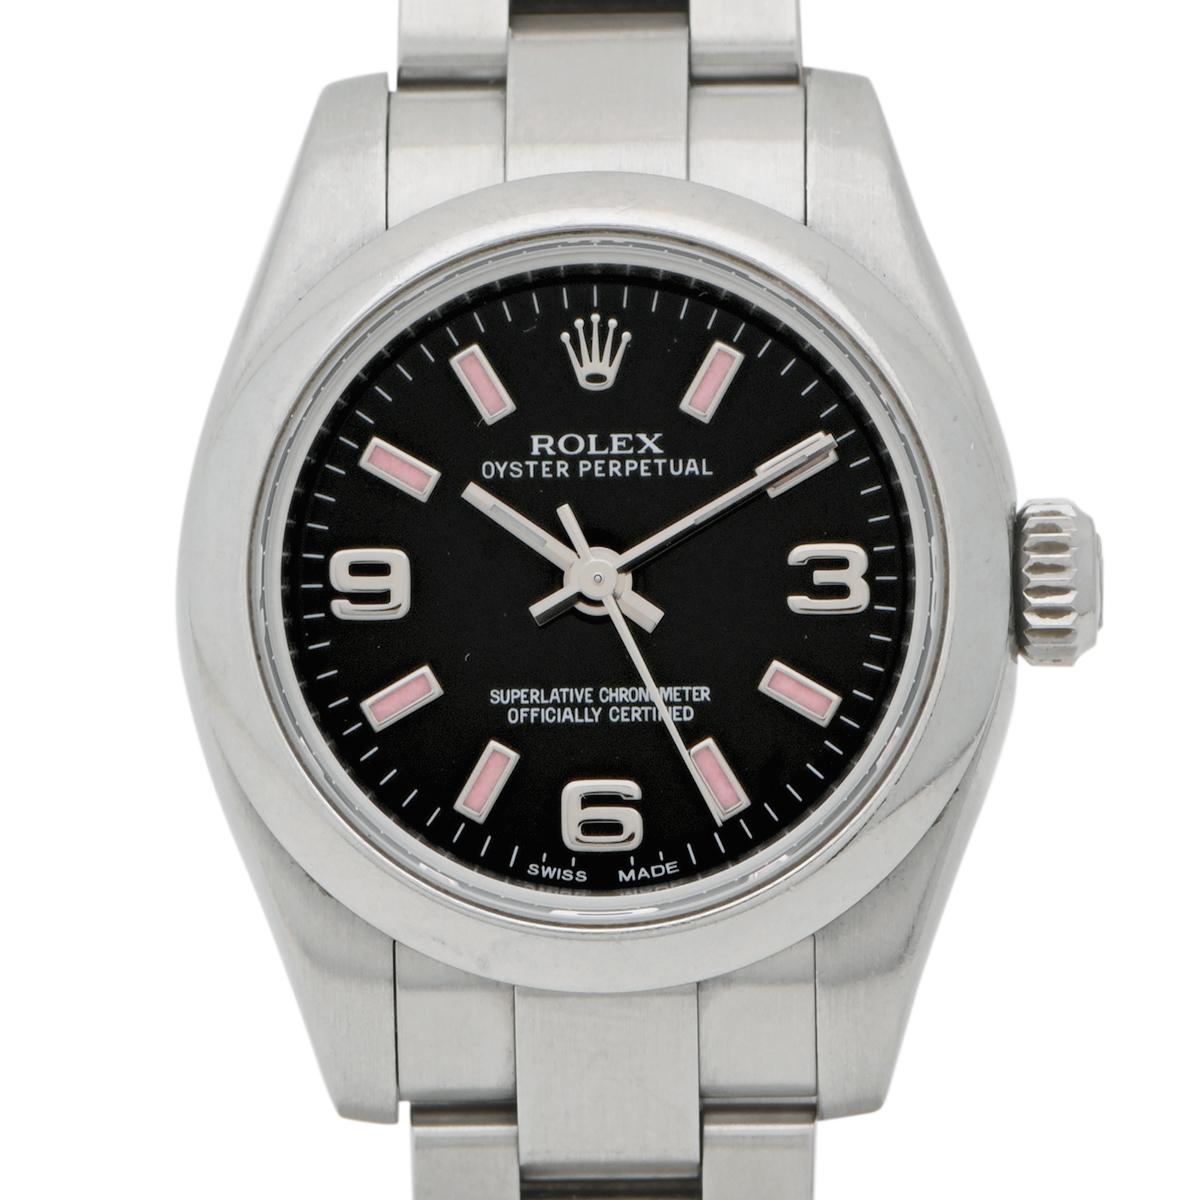 ロレックス ROLEX オイスター パーペチュアル 176200 腕時計 SS 自動巻き ブラック レディース 【中古】